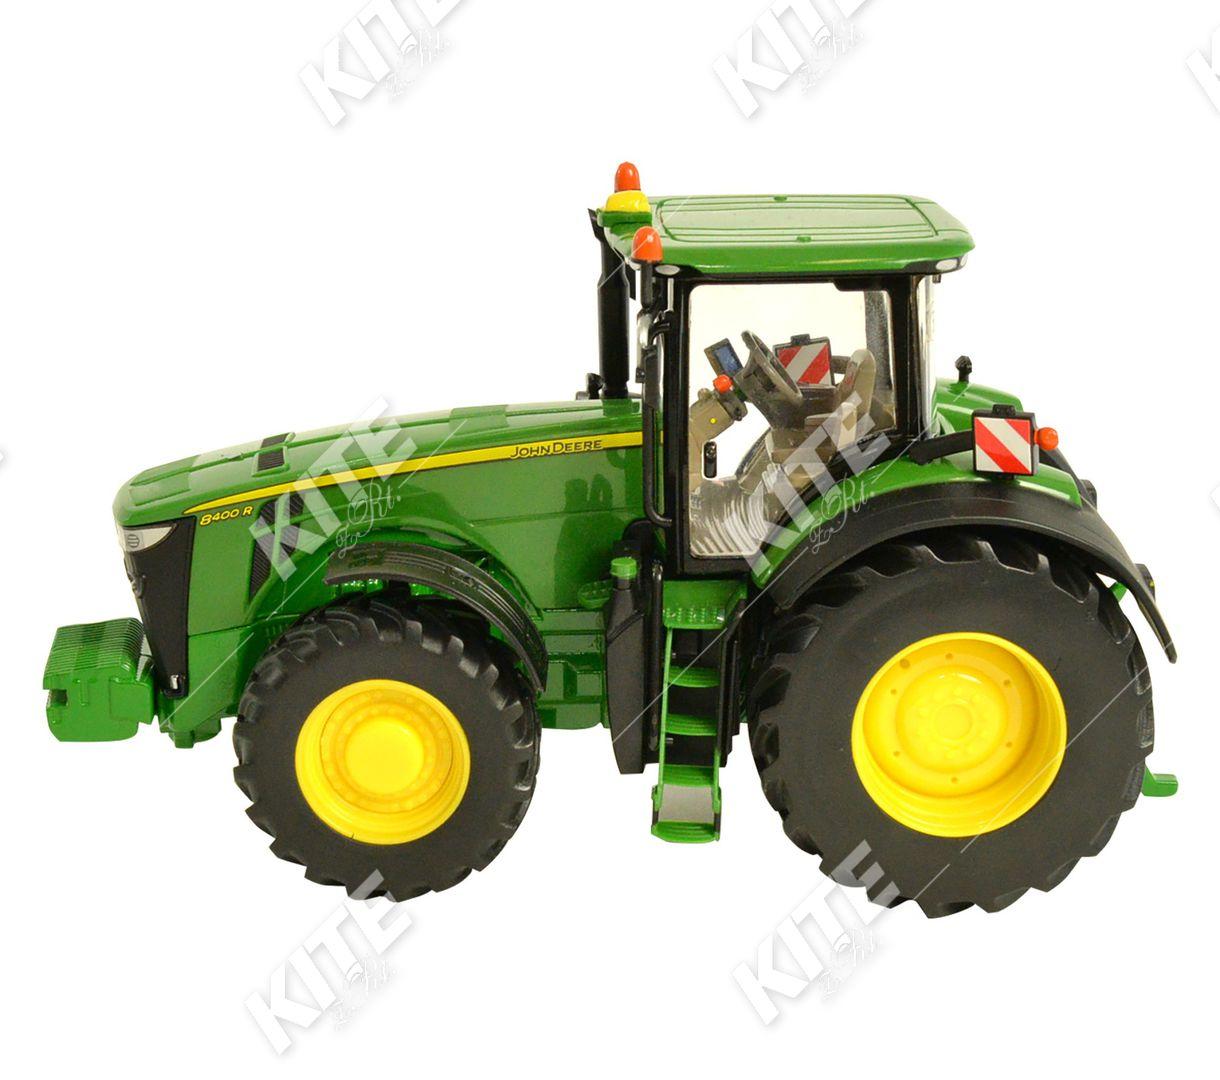 John Deere 8400R traktor-makett